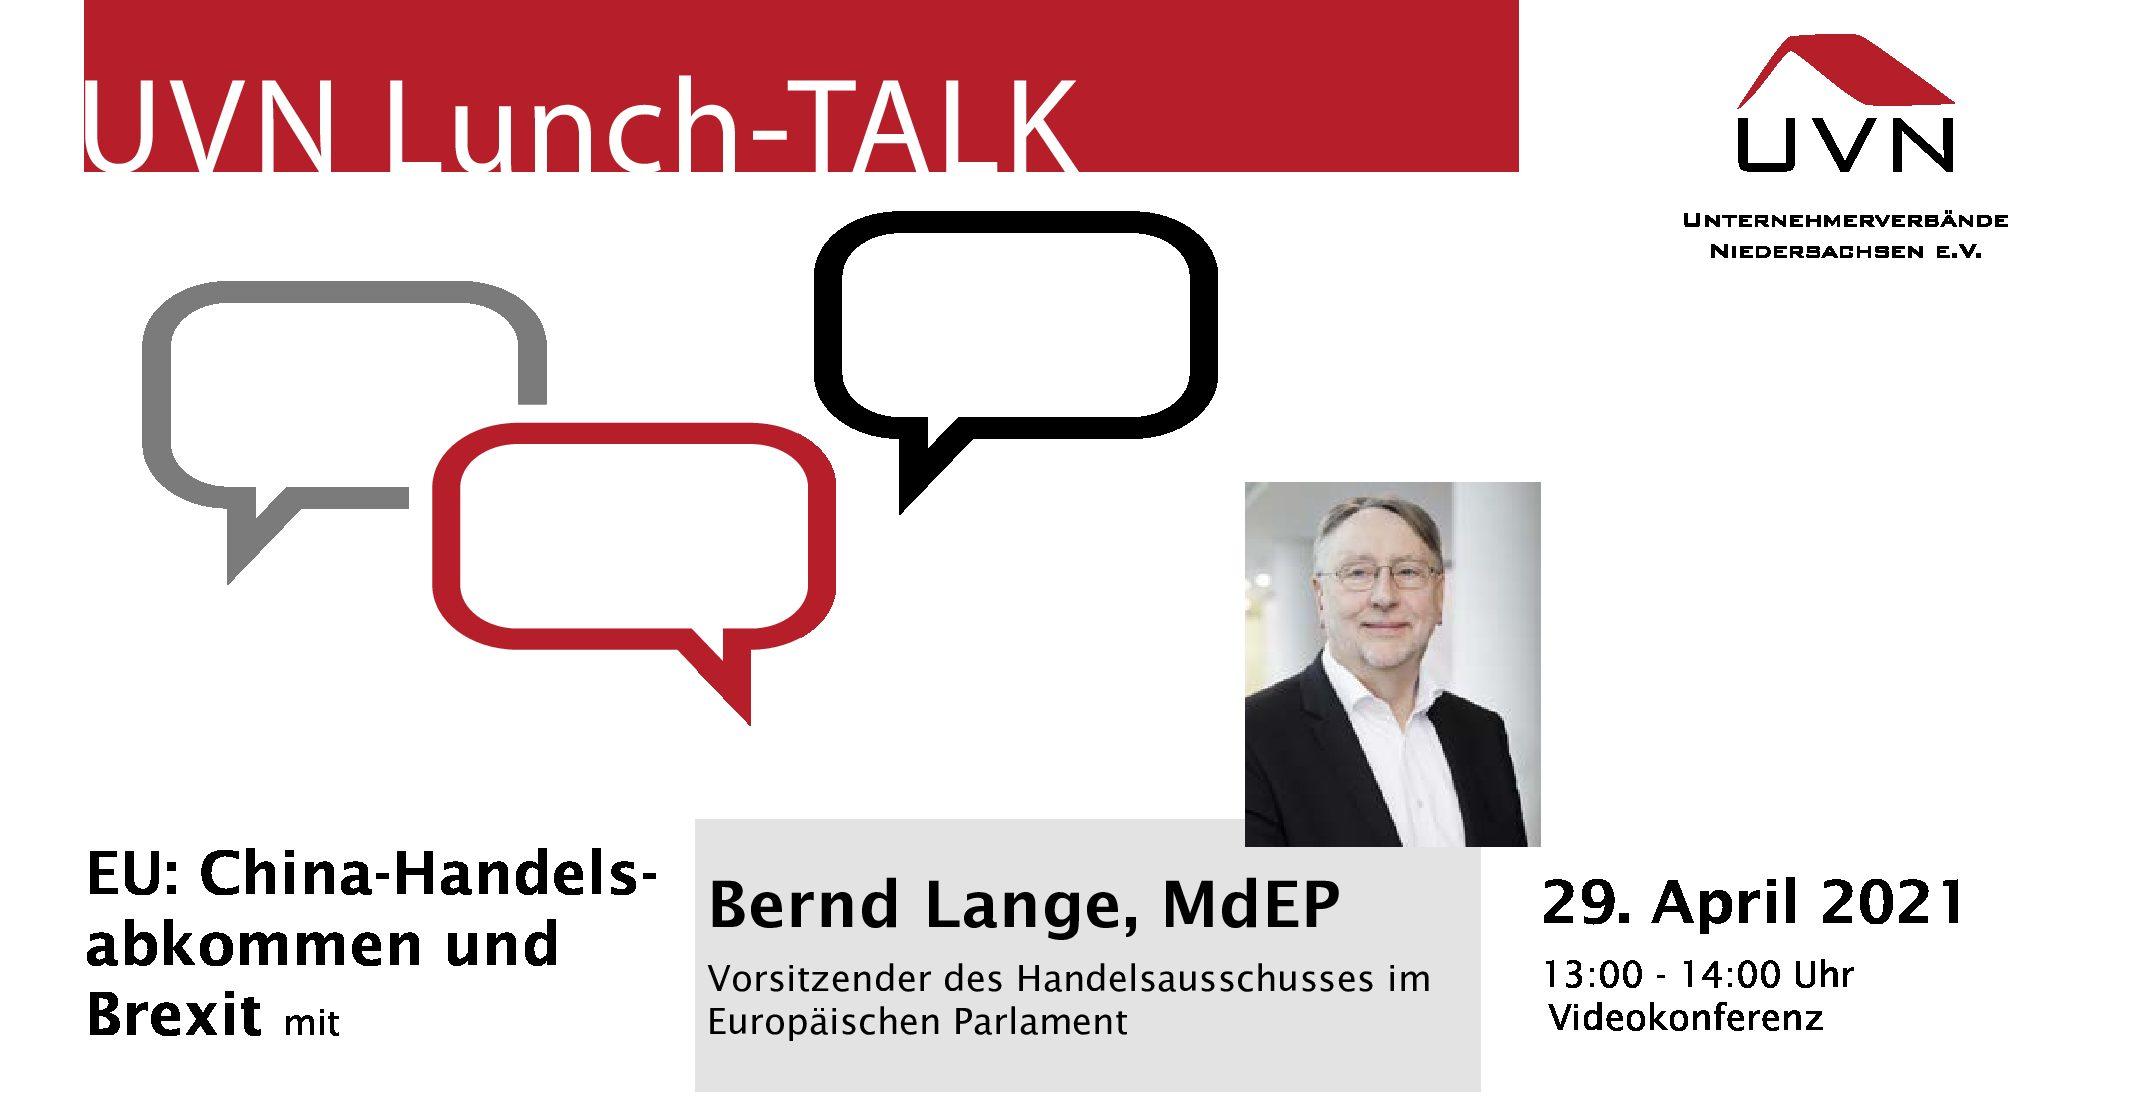 UVN Lunch-Talk mit Bernd Lange, Abgeordneter des Europäischen Parlaments und Vorsitzender des Handelsausschusses